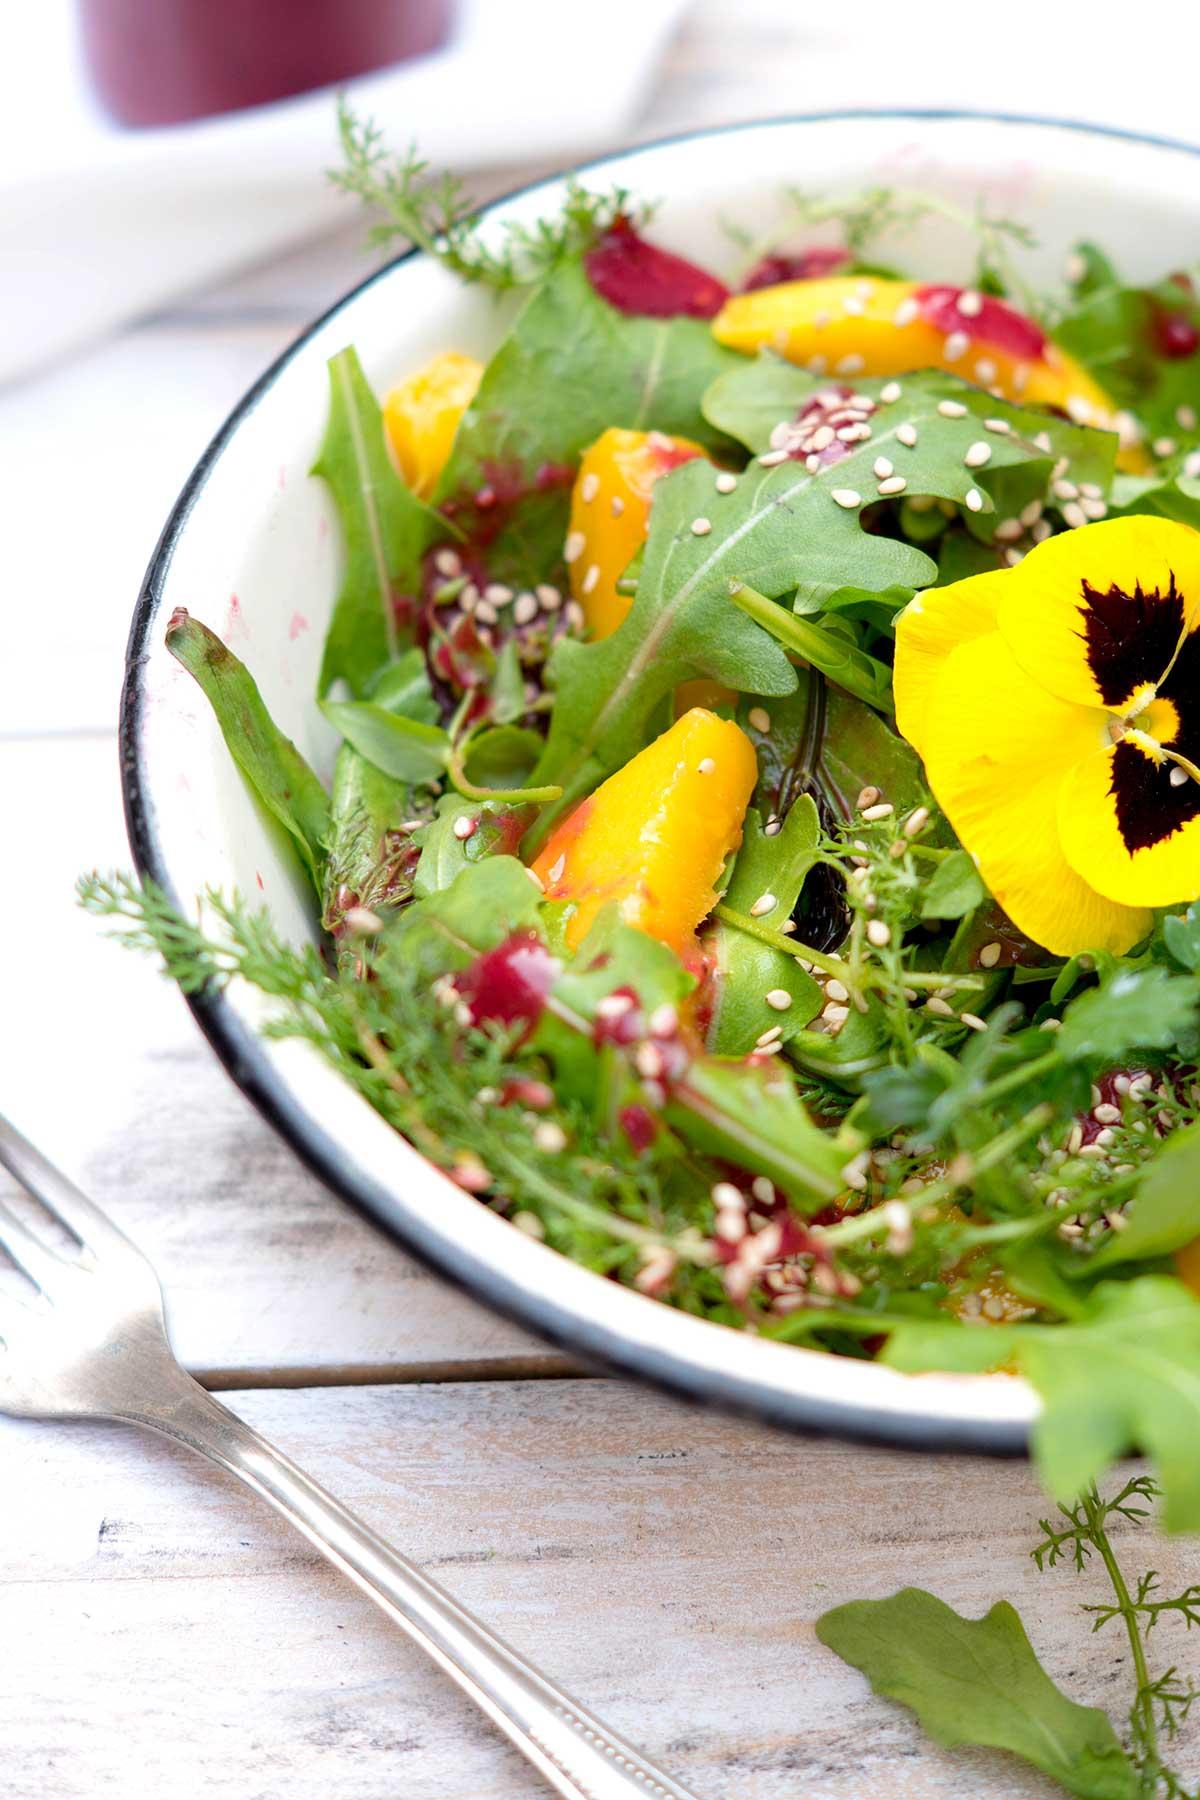 Frischer Salat in einer Schüssel